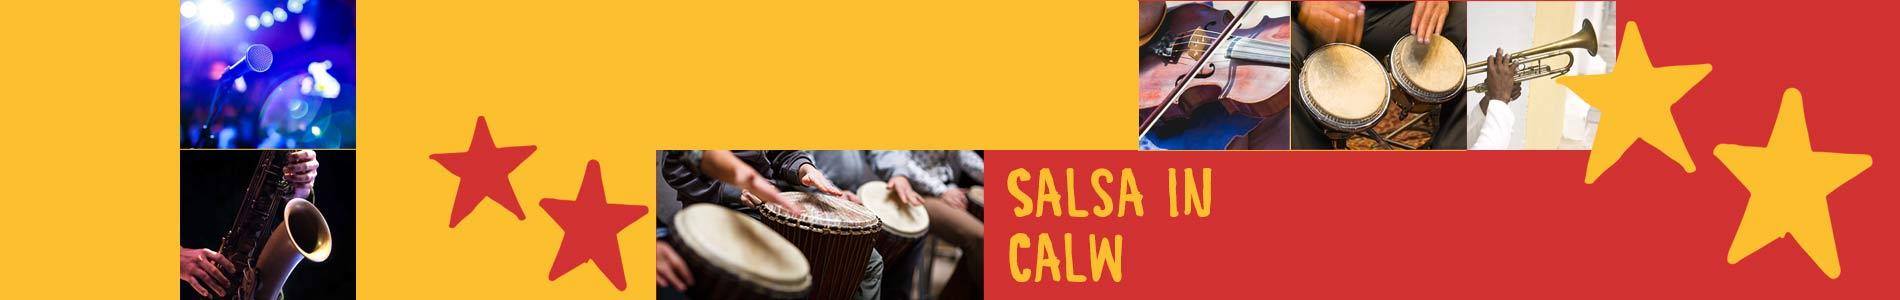 Salsa in Calw – Salsa lernen und tanzen, Tanzkurse, Partys, Veranstaltungen